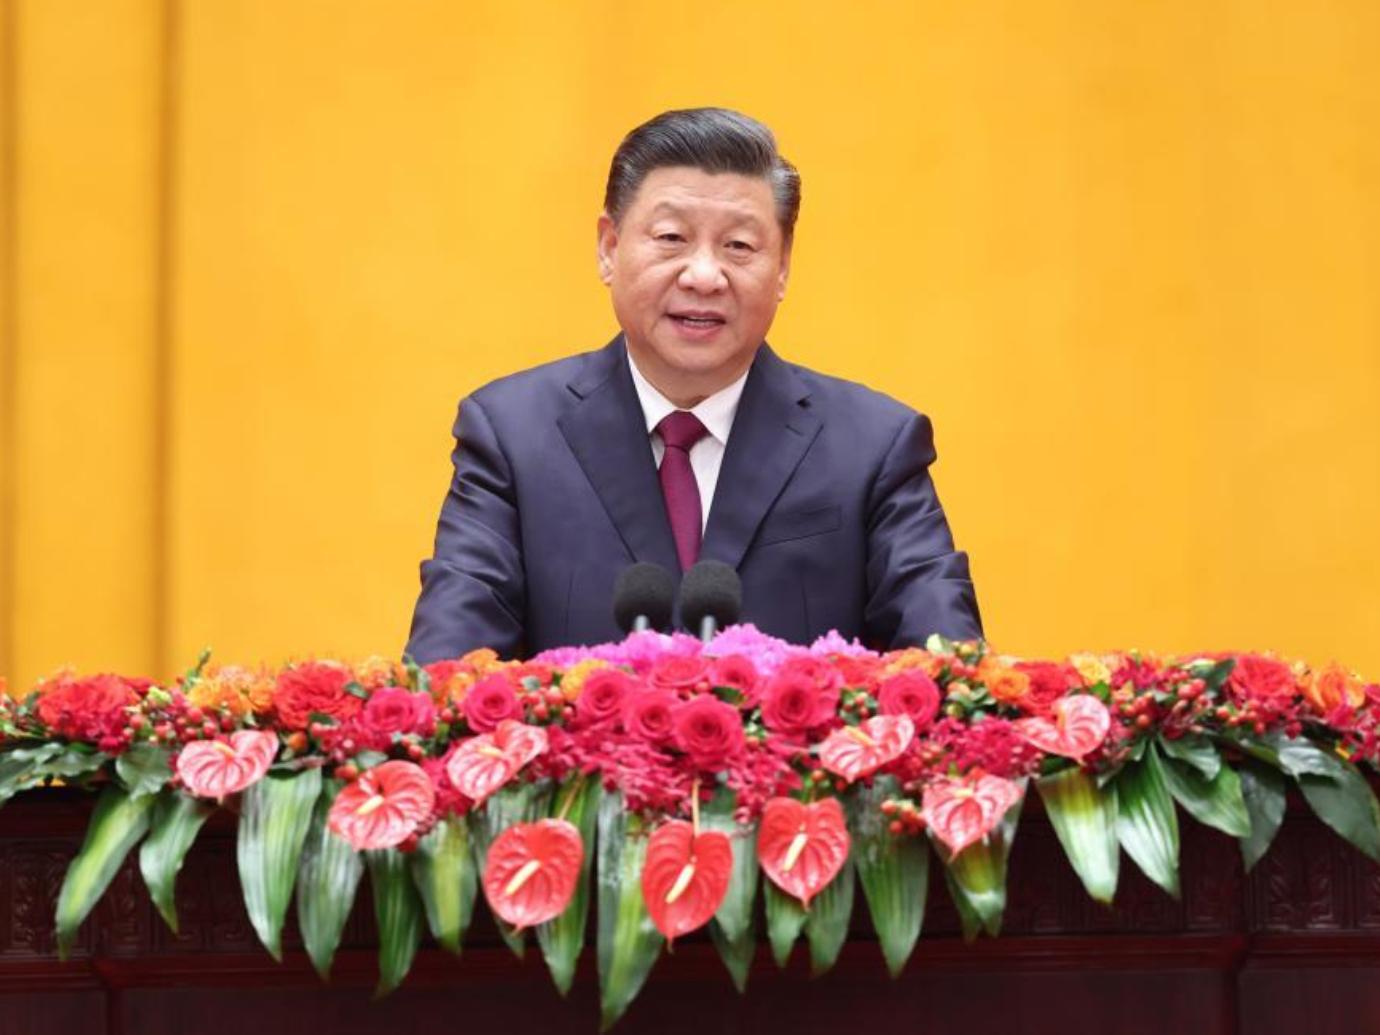 'Three cattle spirit' steers China to bullish Year of the Ox